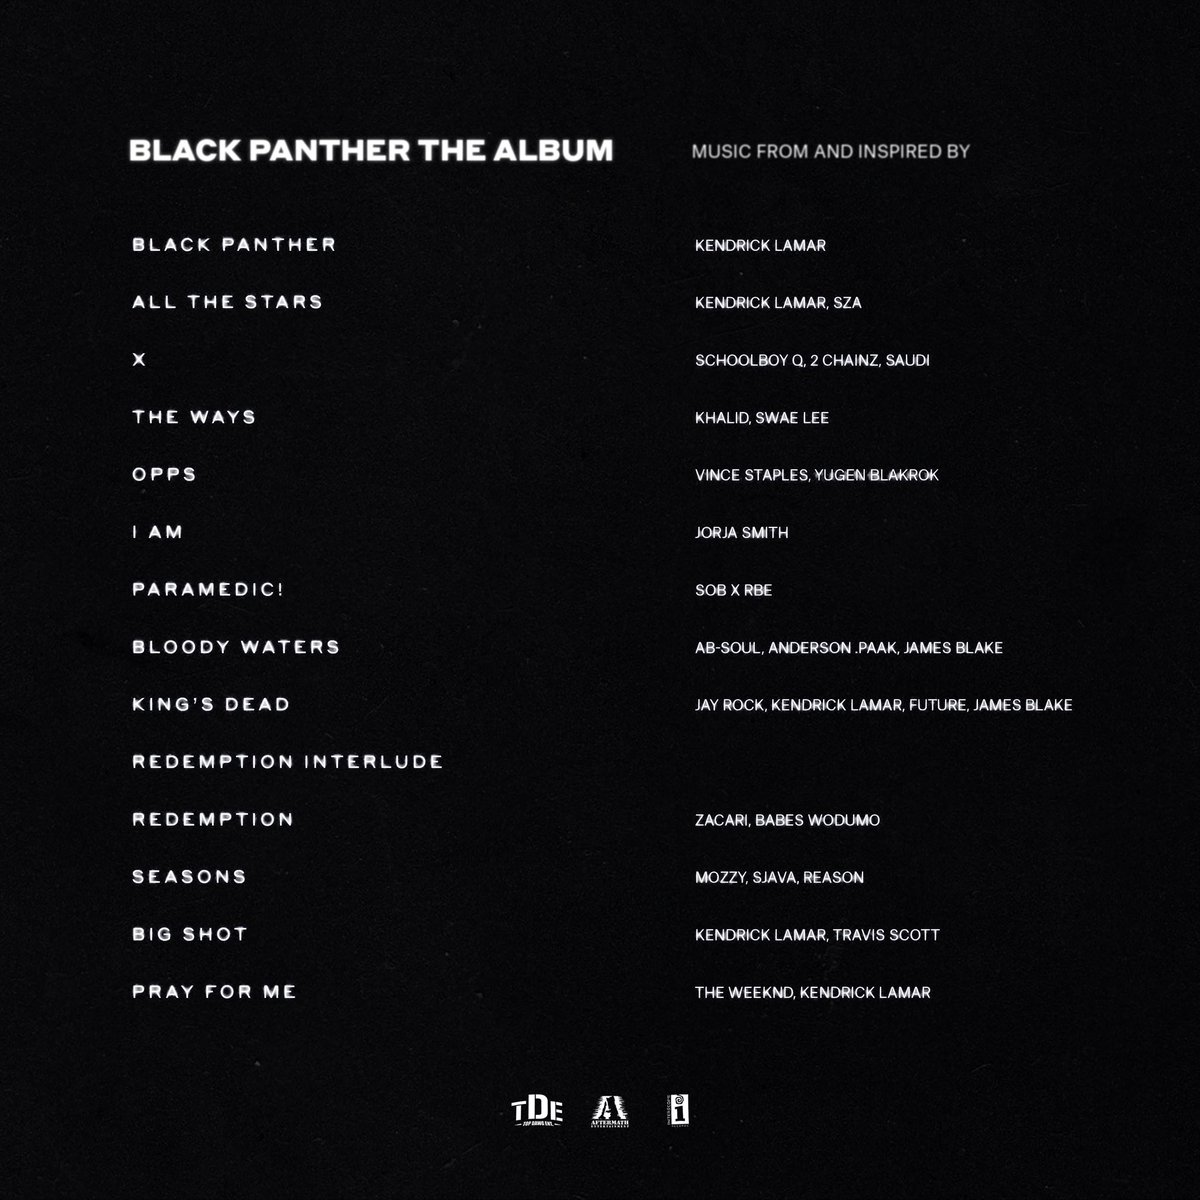 Black Panther Tracklist